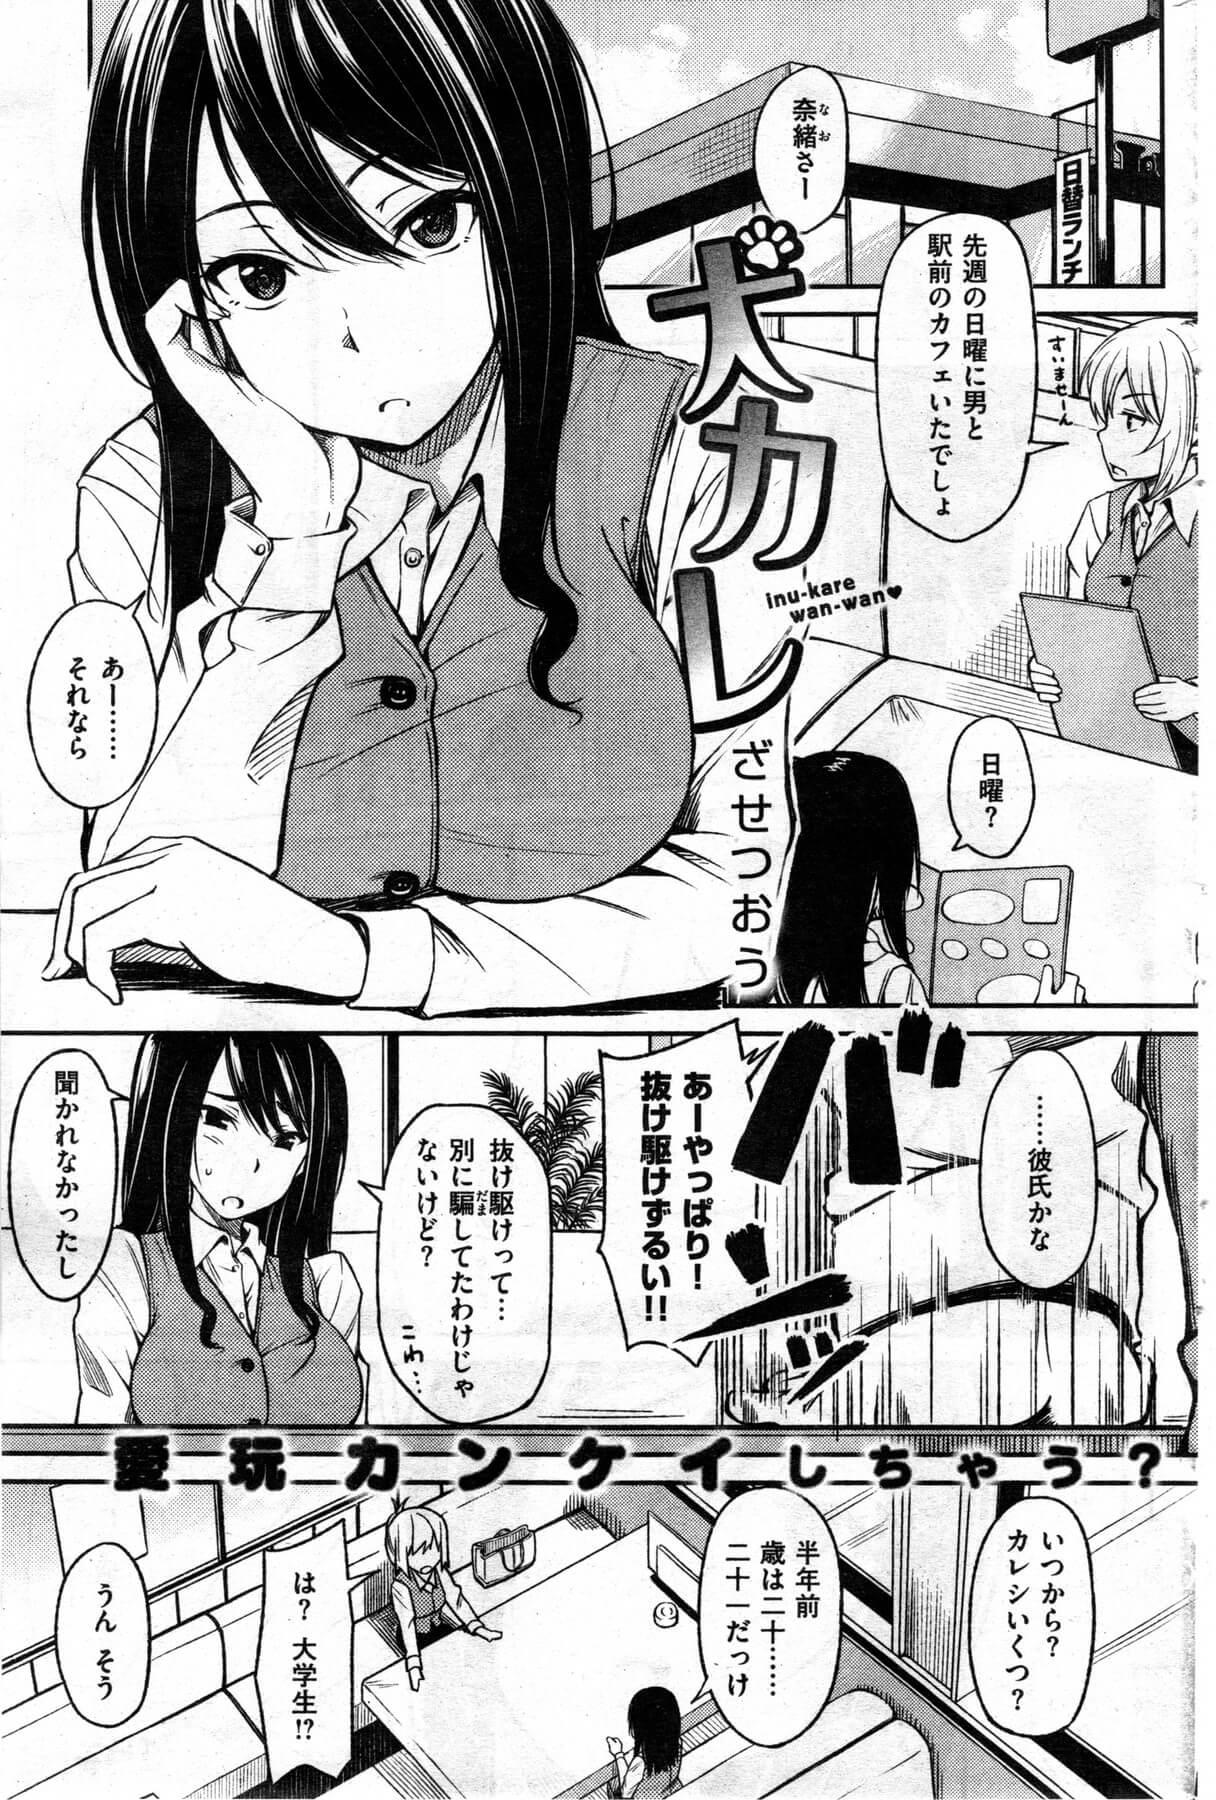 [ざせつおう] 犬カレ 同人誌 Doujin Hentai 成人漫畫